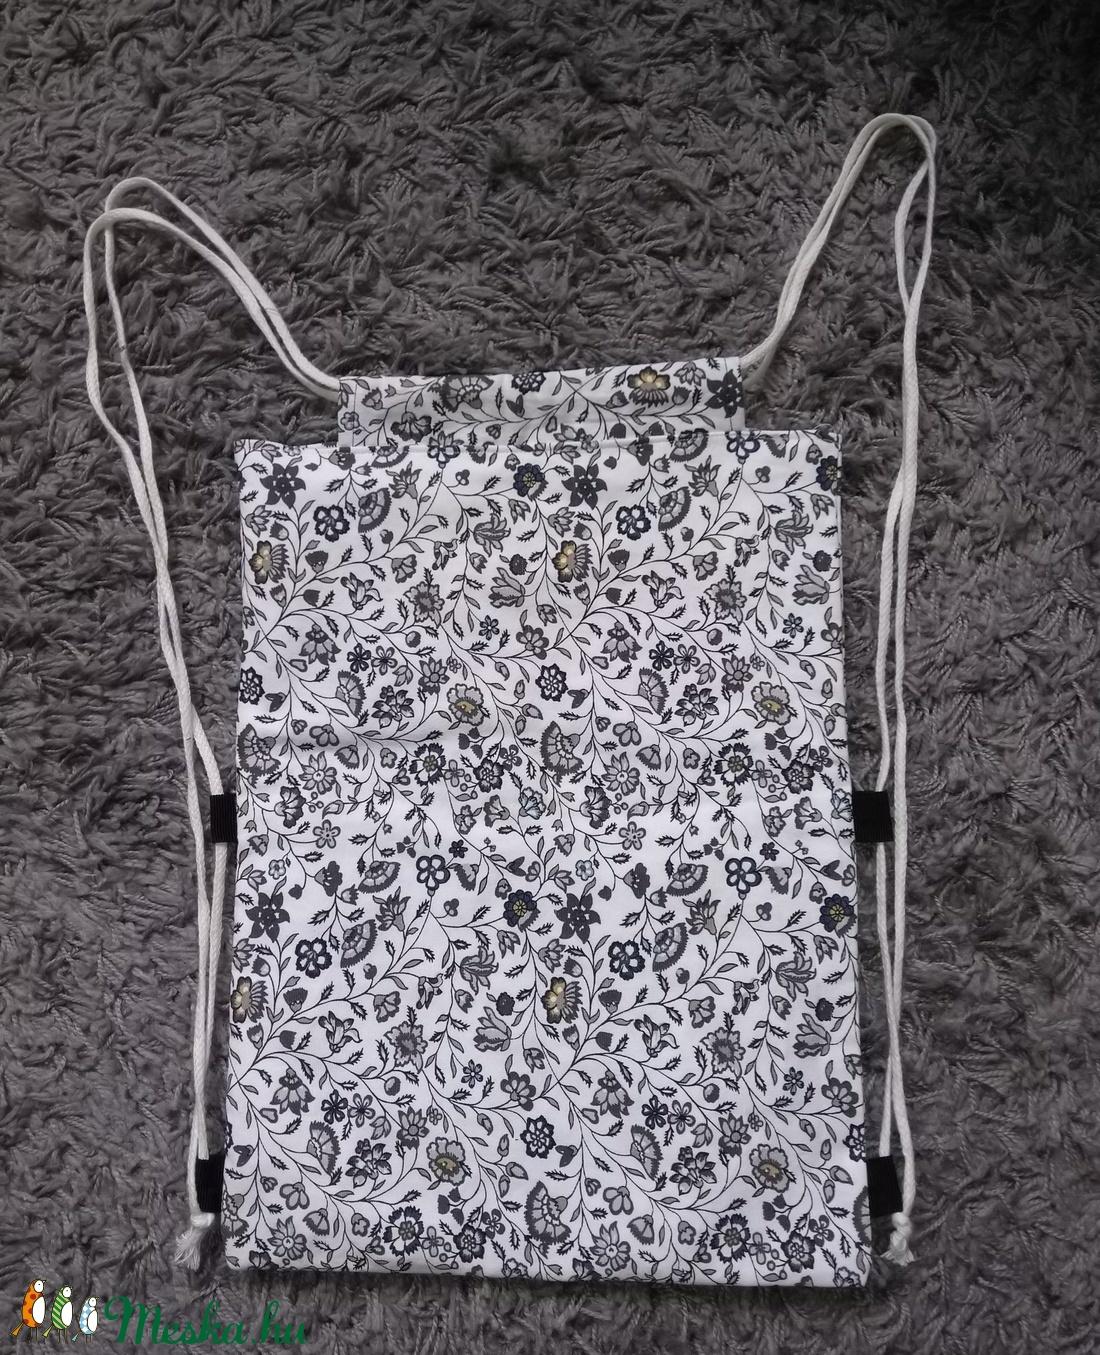 fekete/fehér virág mintás hátizsák (Somvarianya) - Meska.hu